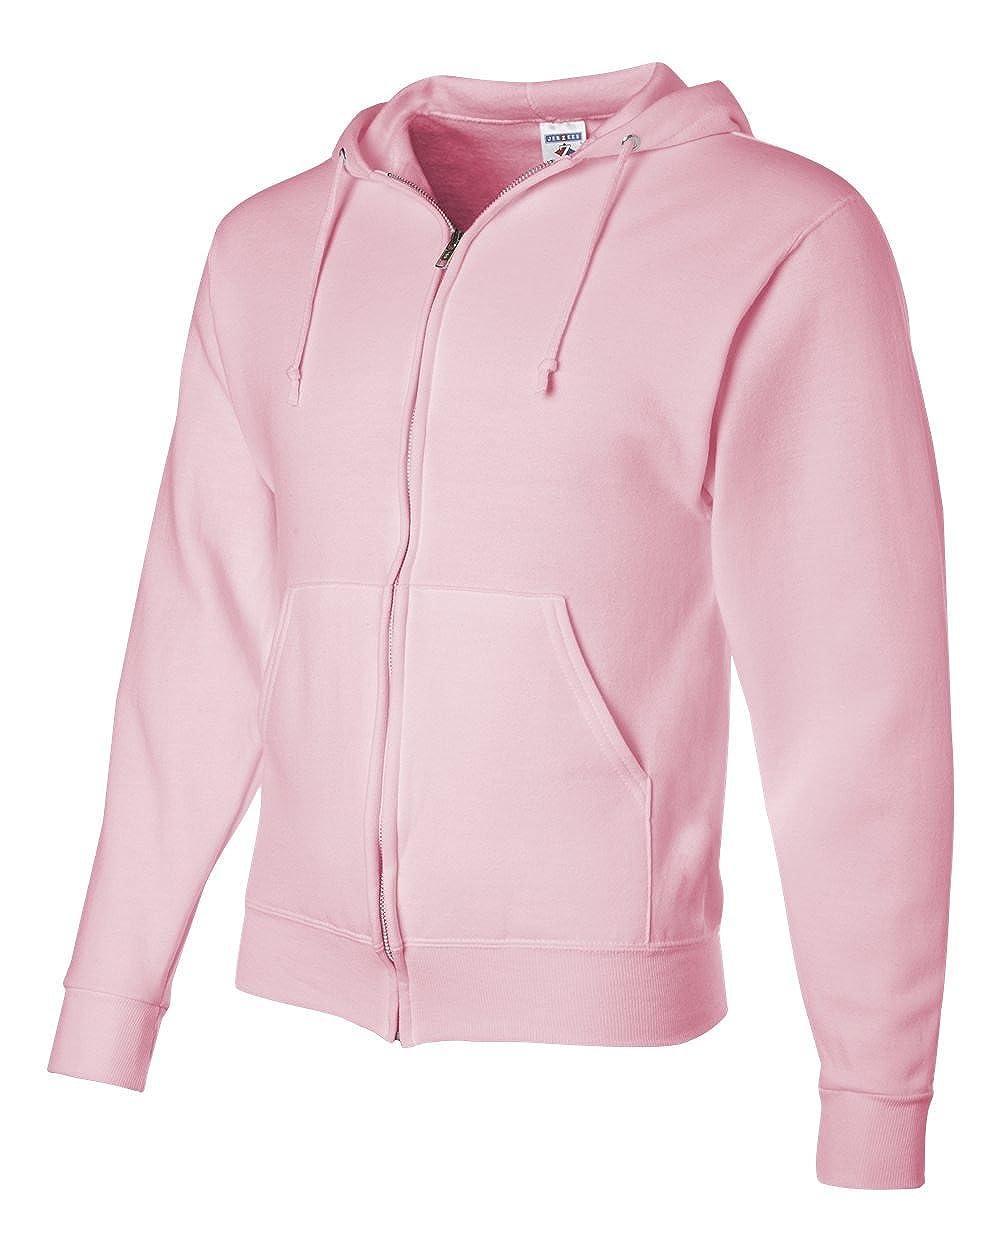 Jerzees Mens NuBlend Fleece Full-Zip Hooded Sweatshirt